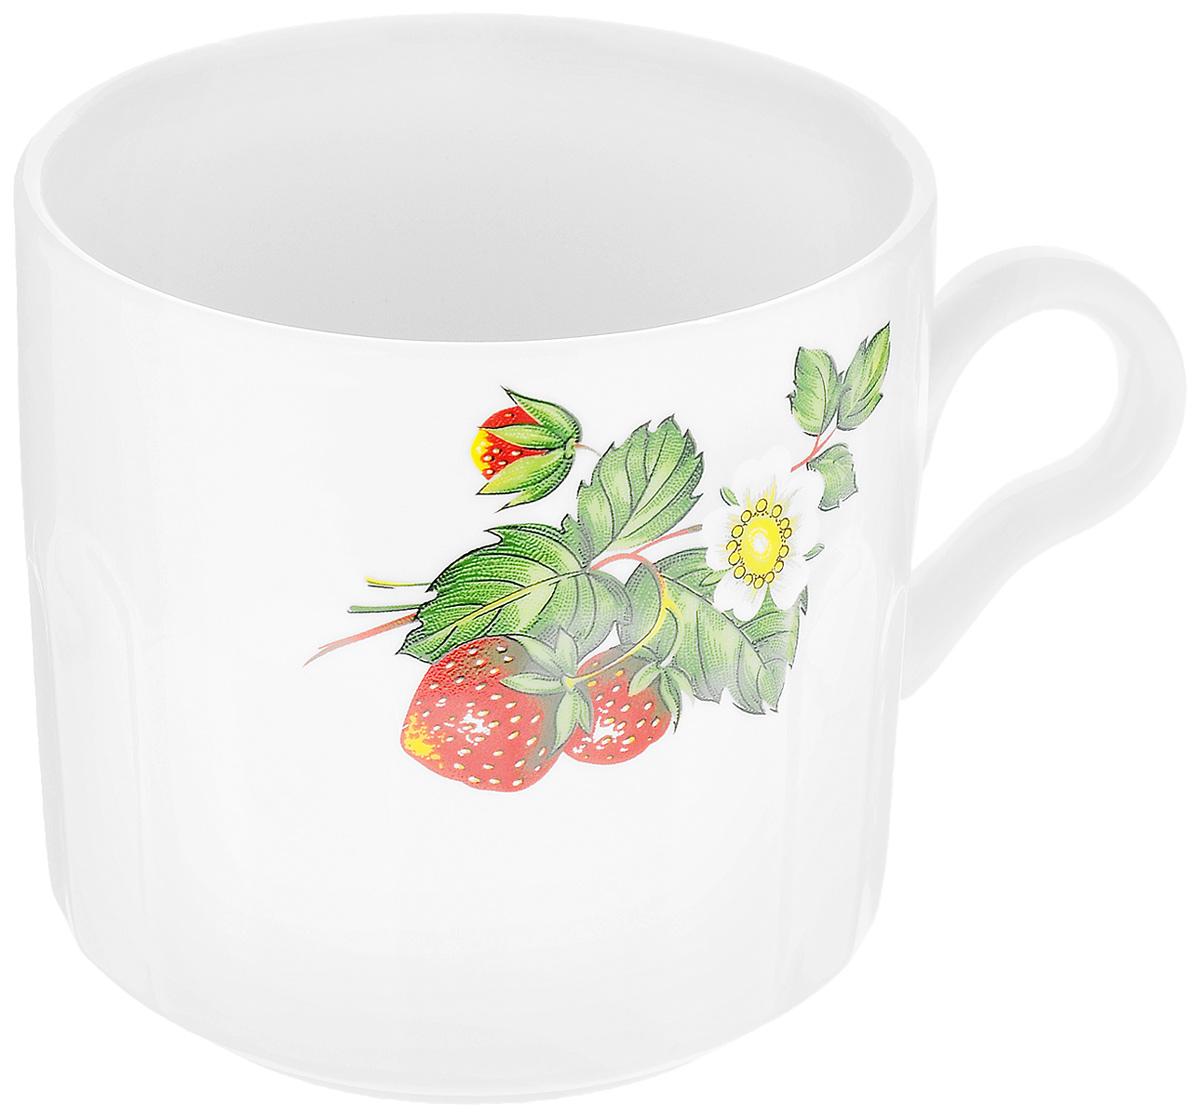 Кружка Фарфор Вербилок Цветущая земляника, 500 мл5721490Кружка Фарфор Вербилок Цветущая земляника способна скрасить любое чаепитие. Изделие выполнено из высококачественного фарфора. Посуда из такого материала позволяет сохранить истинный вкус напитка, а также помогает ему дольше оставаться теплым. Диаметр по верхнему краю: 9,5 см. Высота кружки: 9,5 см.